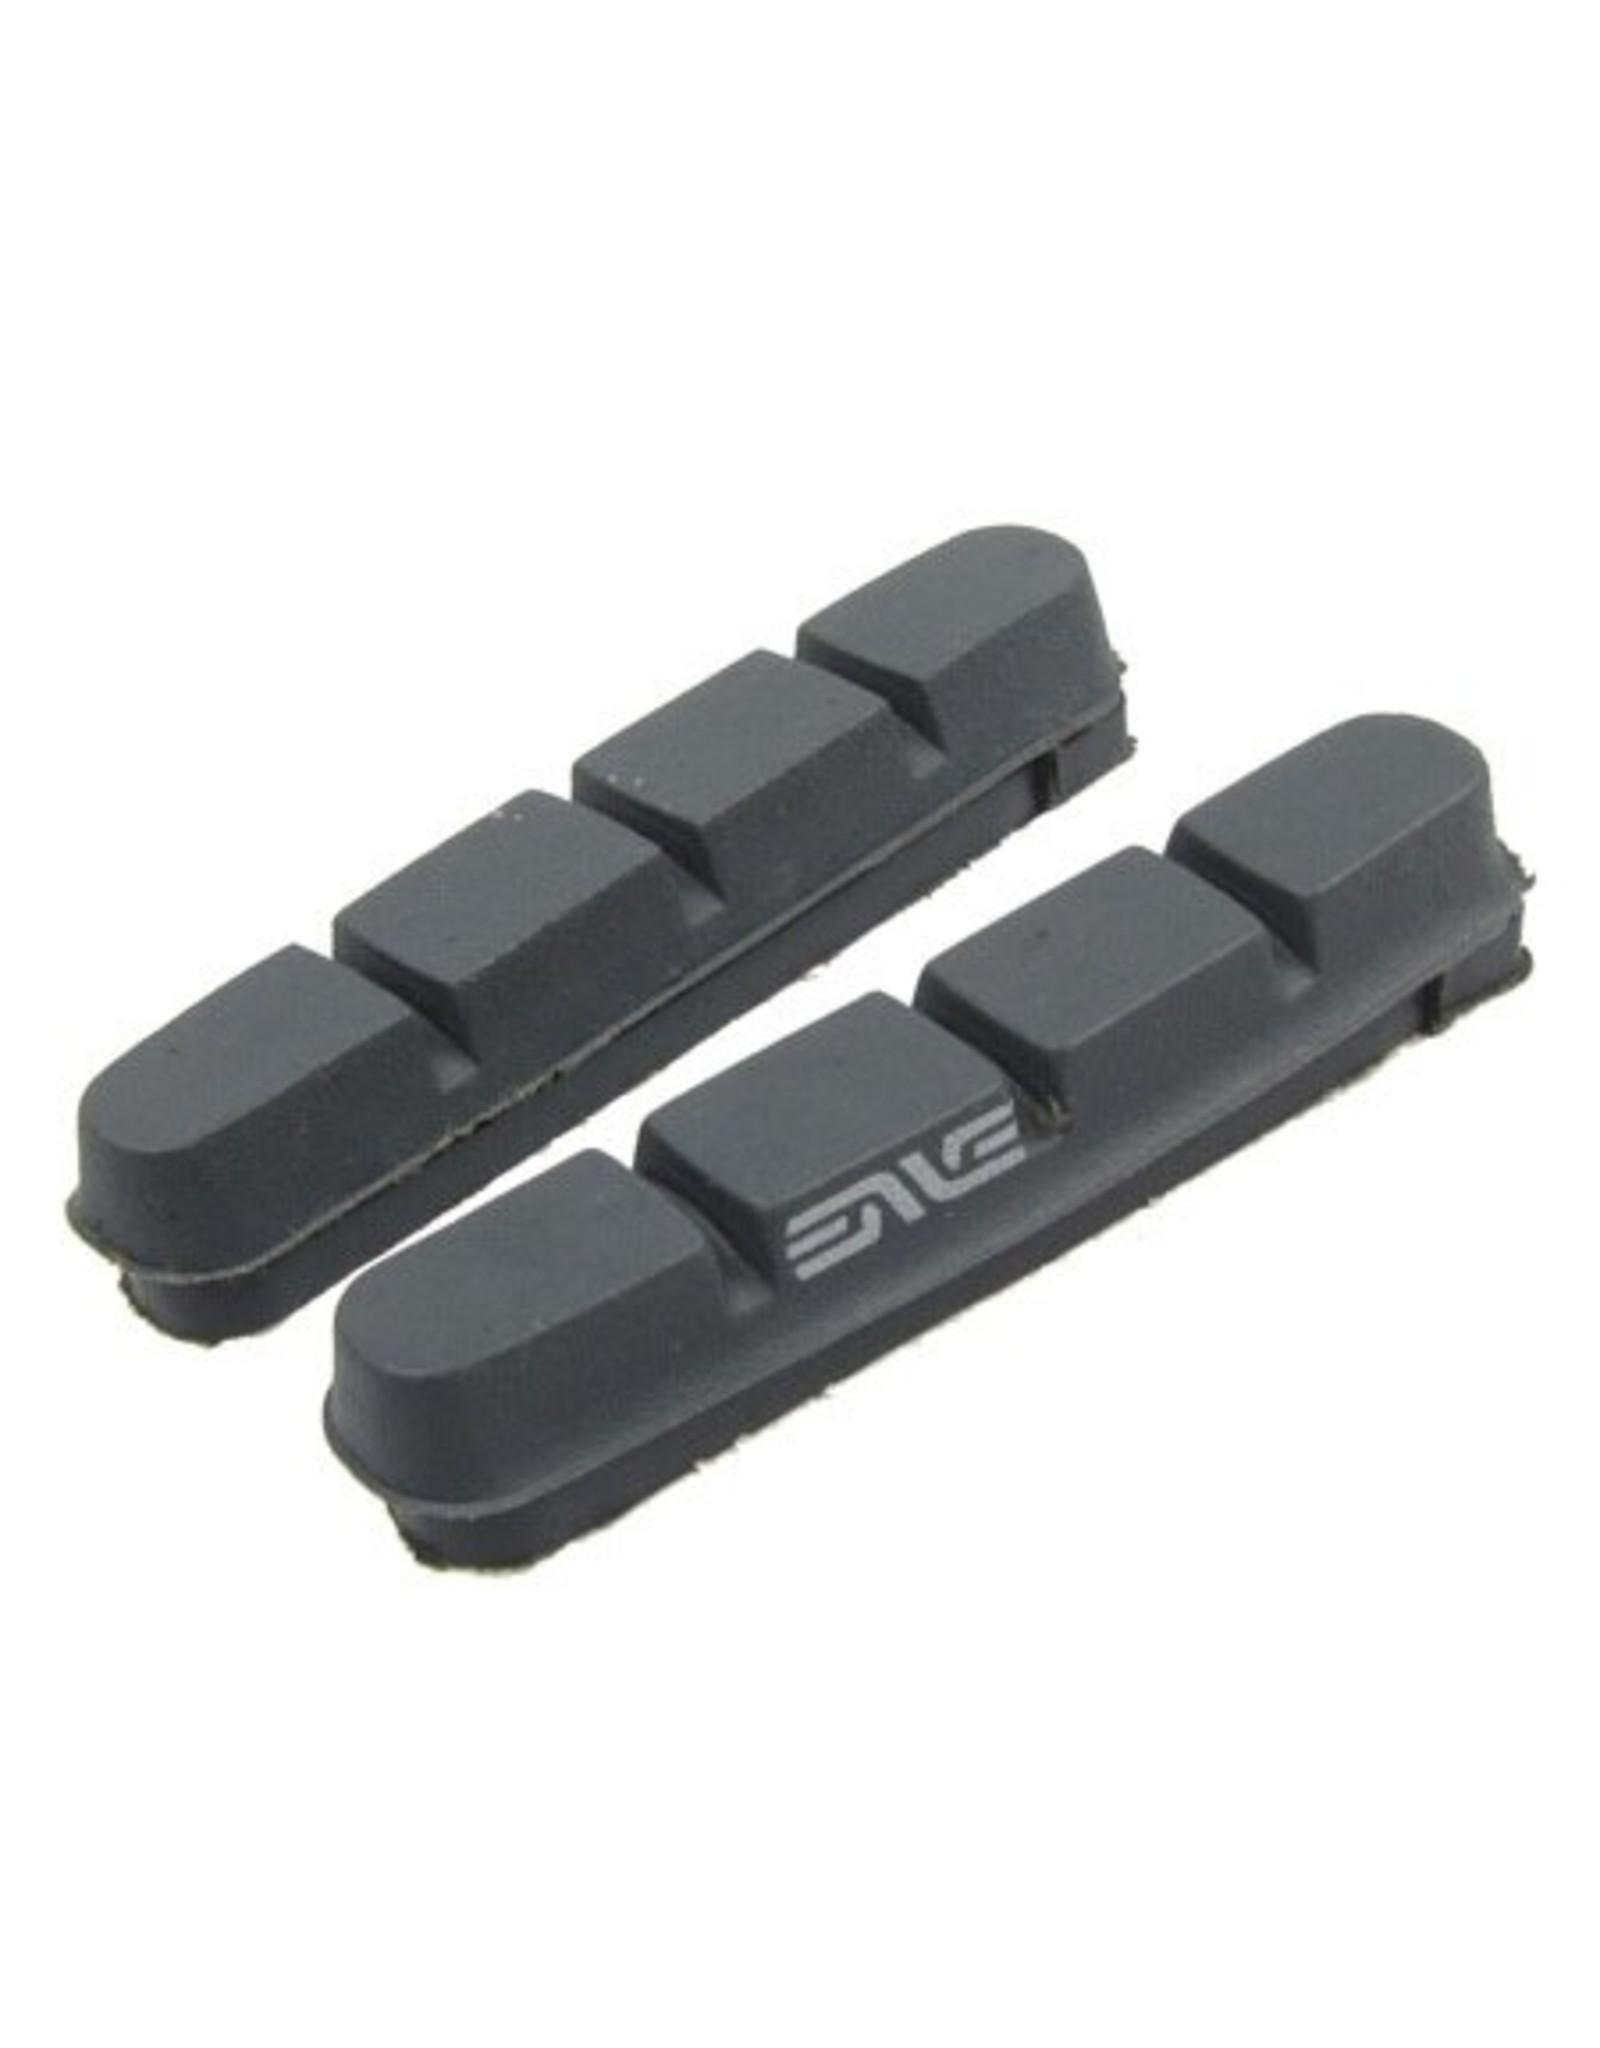 ENVE Composites ENVE Carbon Brake Pads